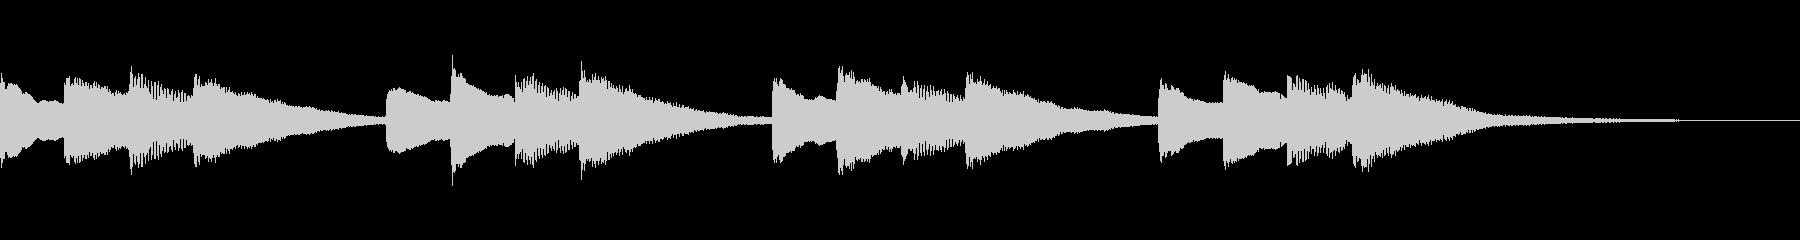 学校のチャイム音の未再生の波形